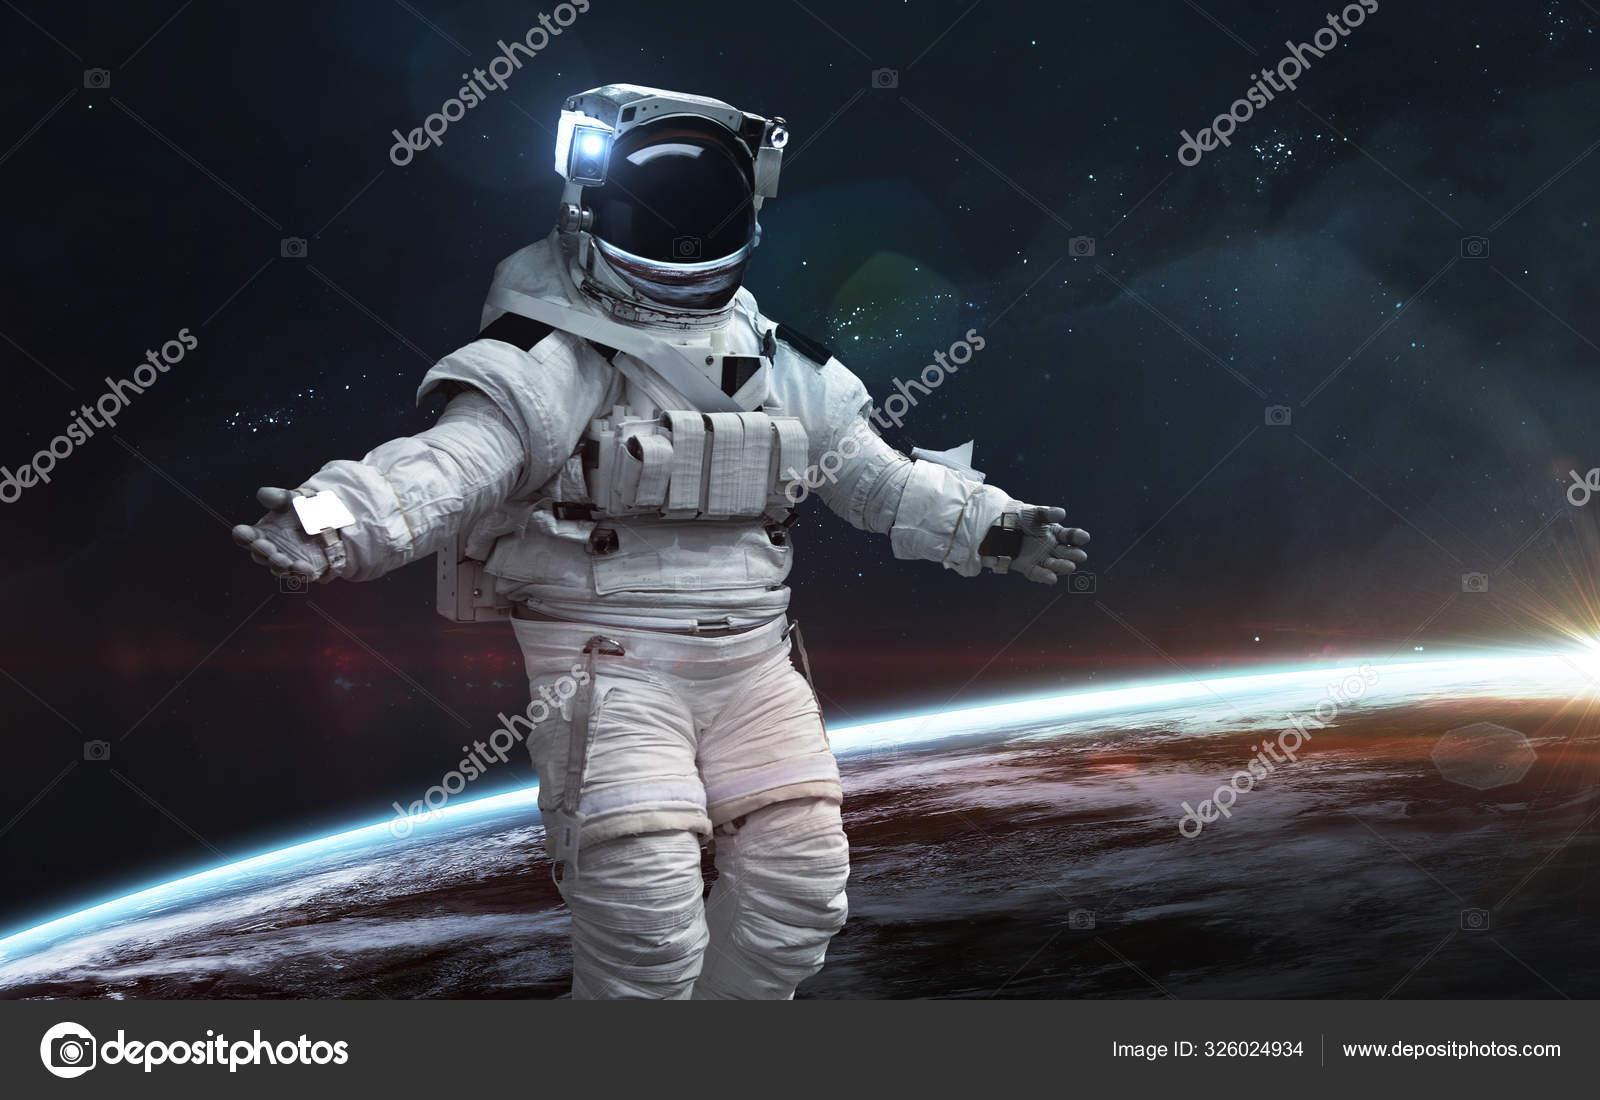 Обои астронавт, земля. Фантастика foto 13